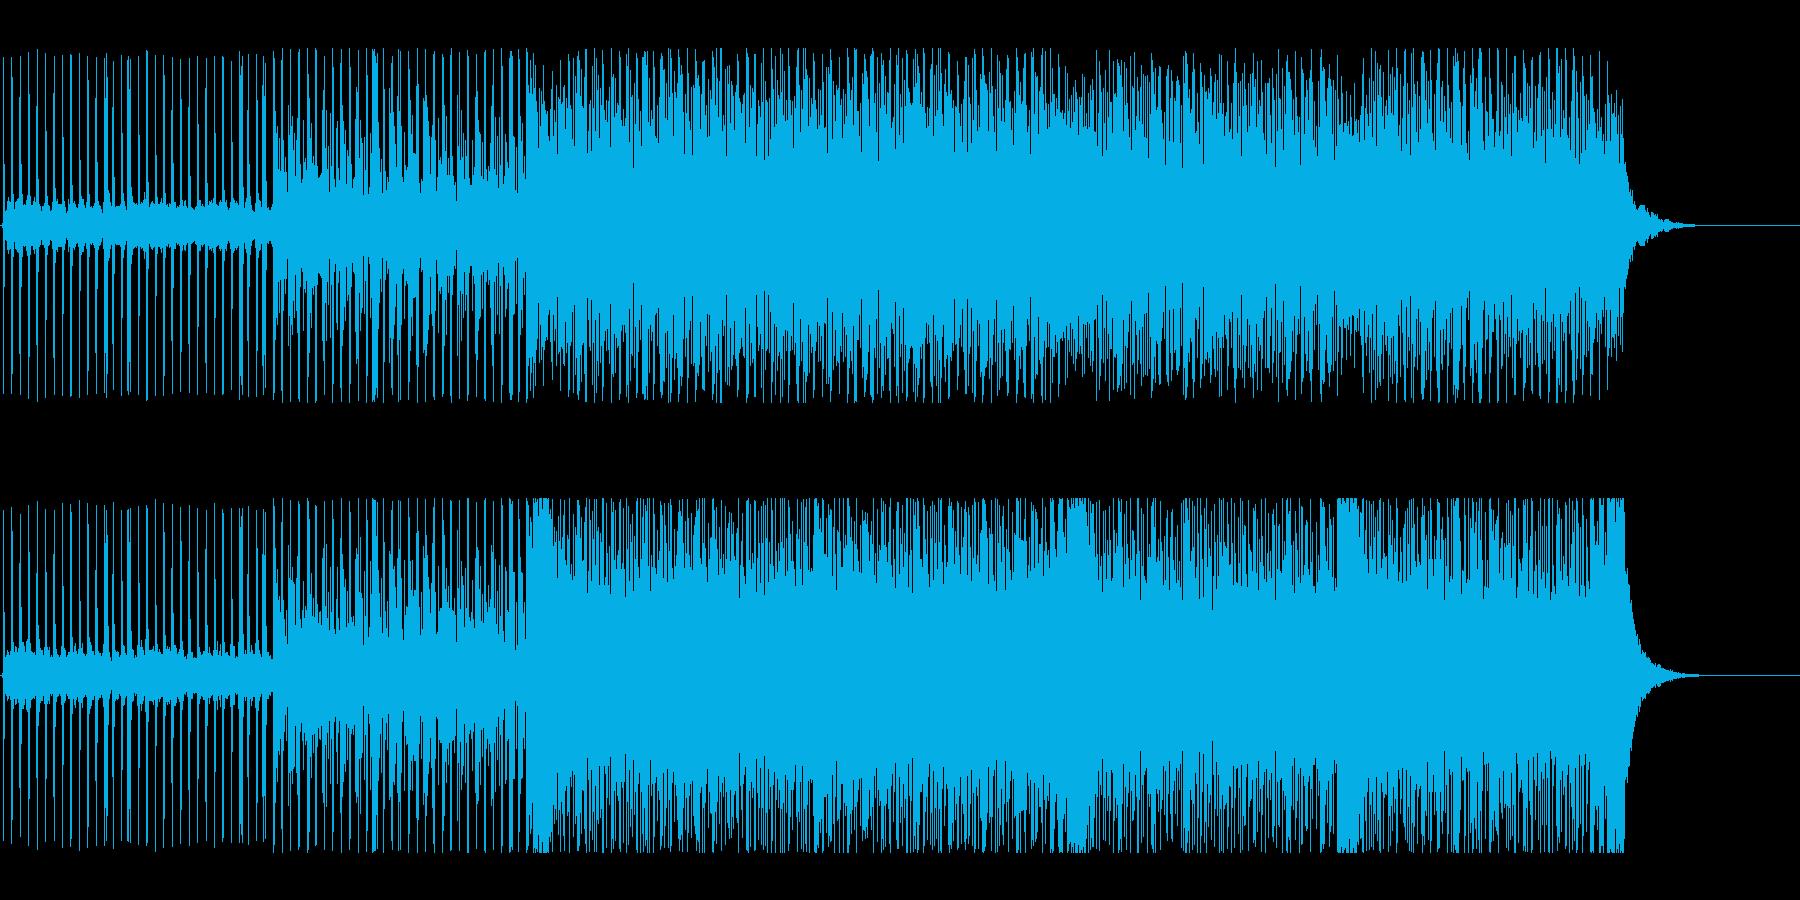 追跡 機械 工業 報道 淡々 ディスコの再生済みの波形